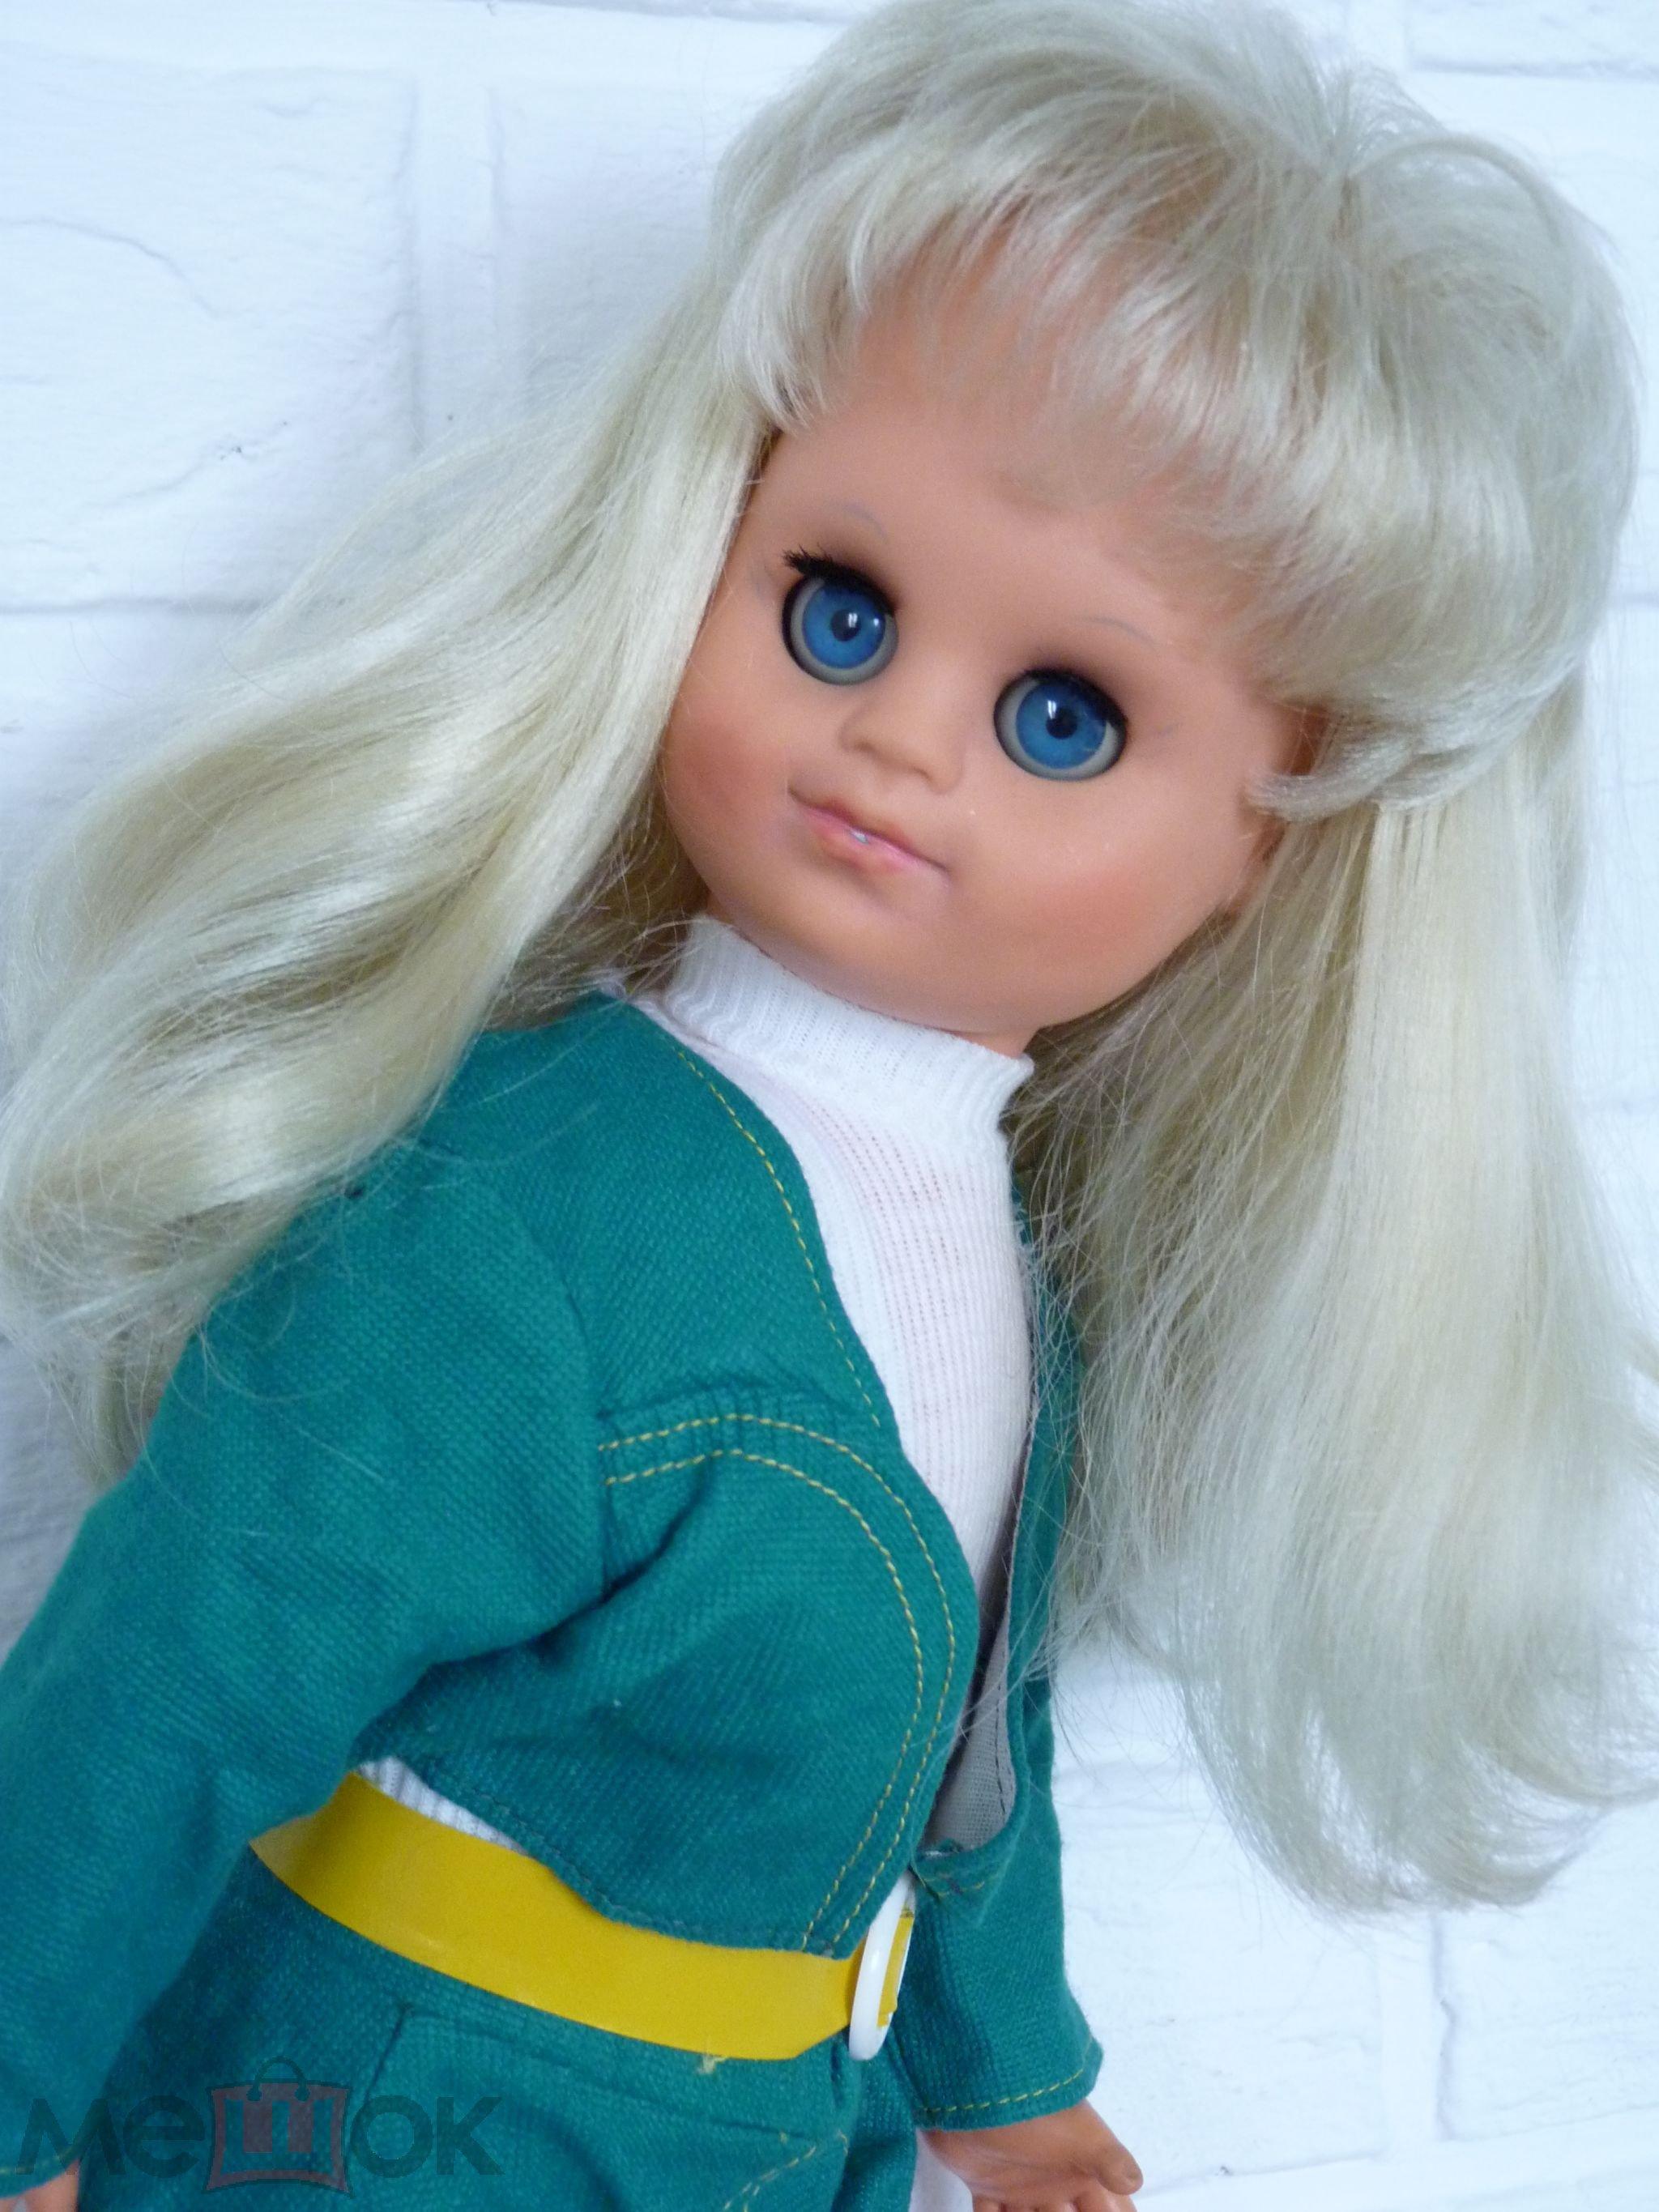 Кукла ГДР. Очень Красивая Девочка в Родной Одежде! Выразительная Милашка!!!